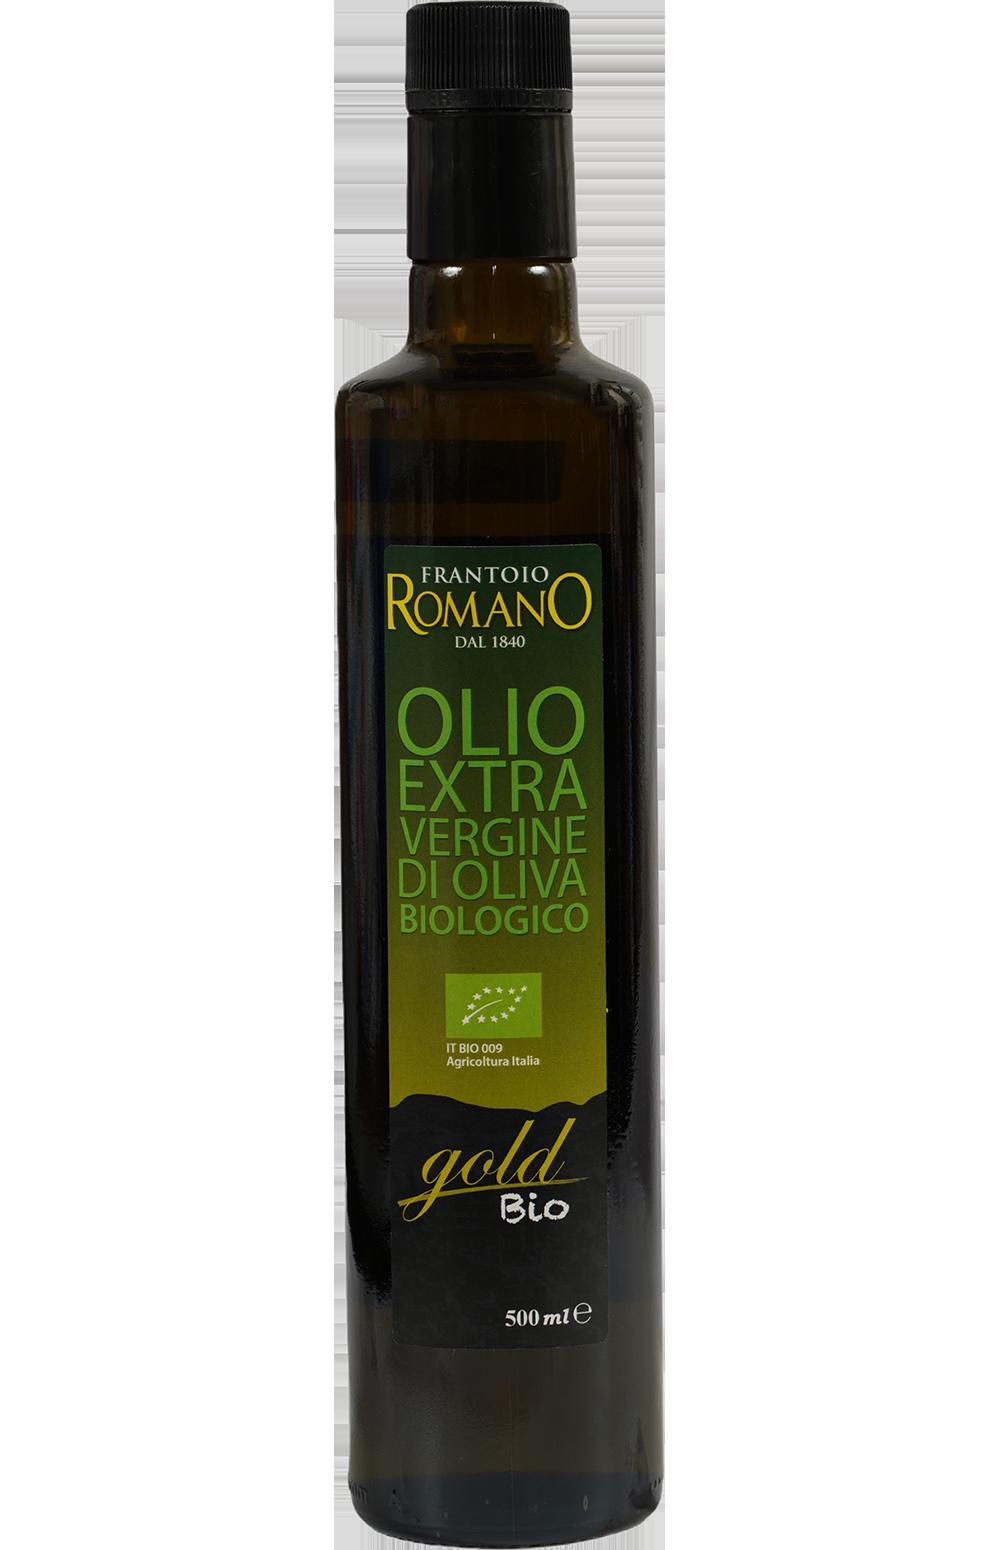 Frantoio Romano Gold Bio